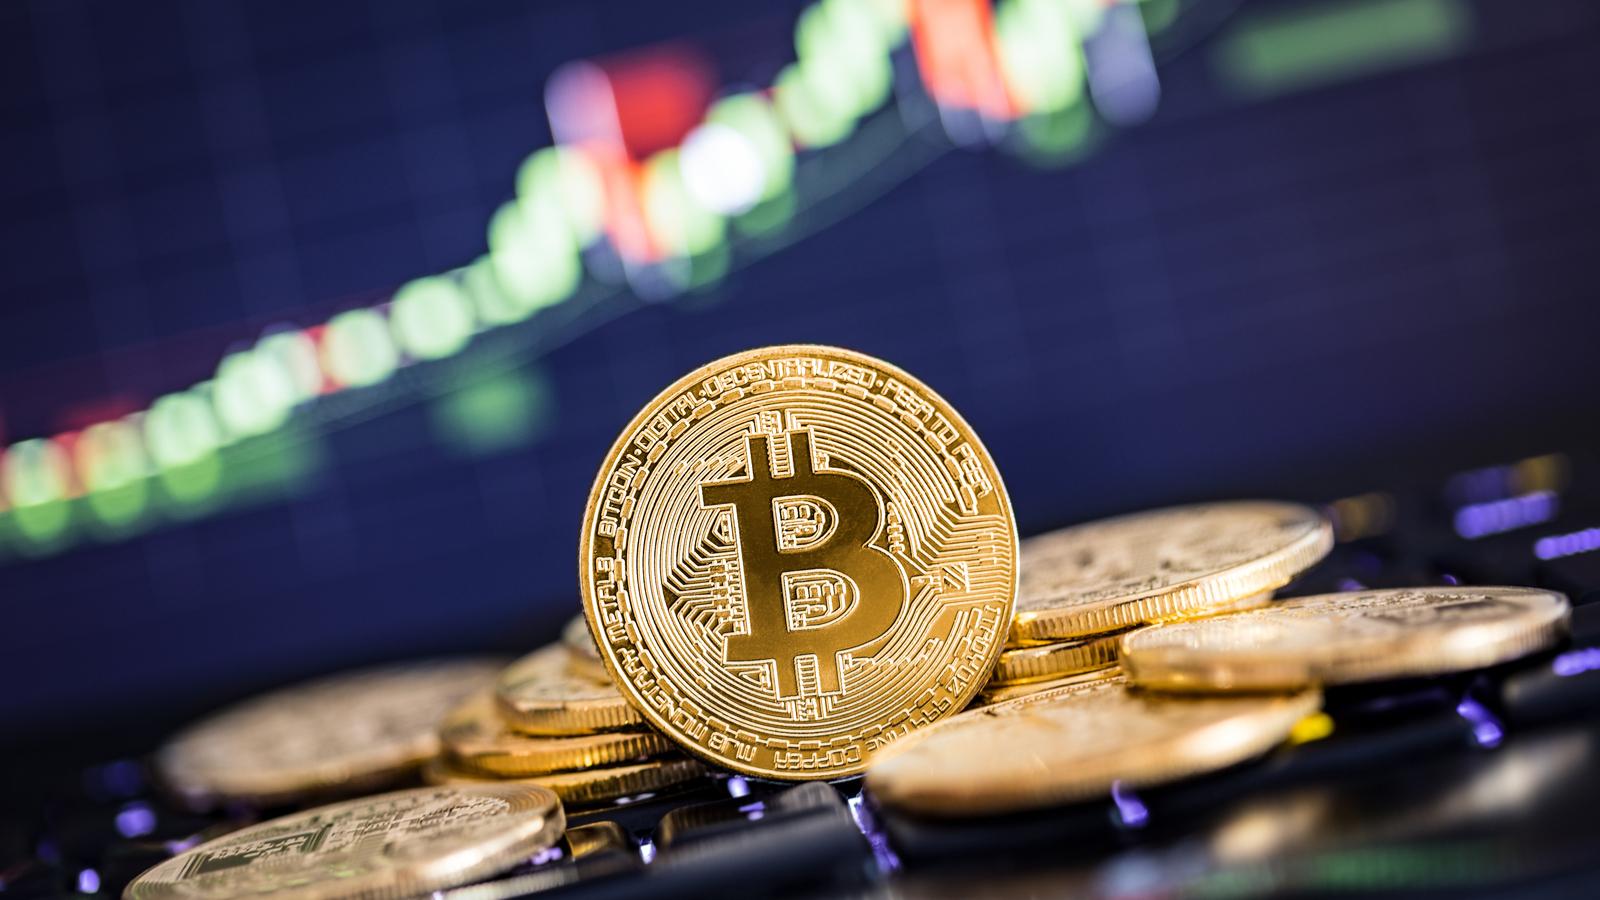 L'utilisation de Bitcoin génèrerait autant de CO2... que la ville de Las Vegas